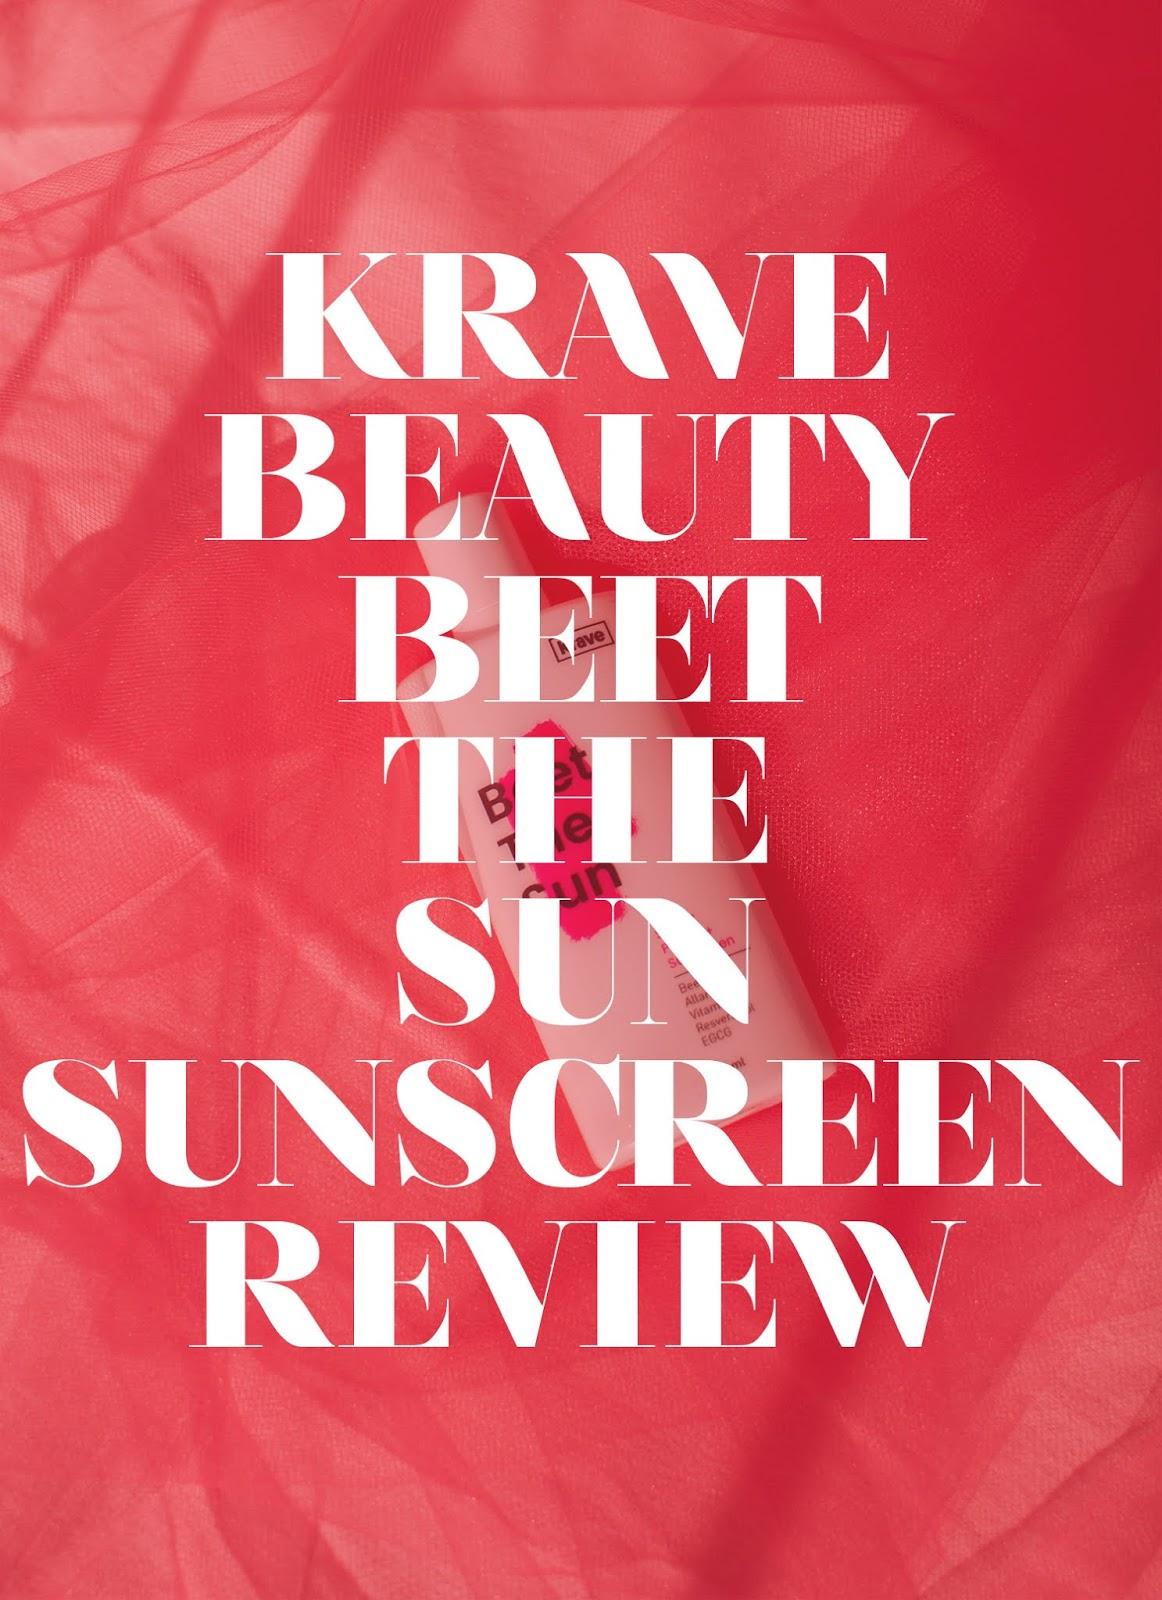 krave beauty, krave sunscreen, krave beauty sunscreen review, beet the sun review, beet shield review